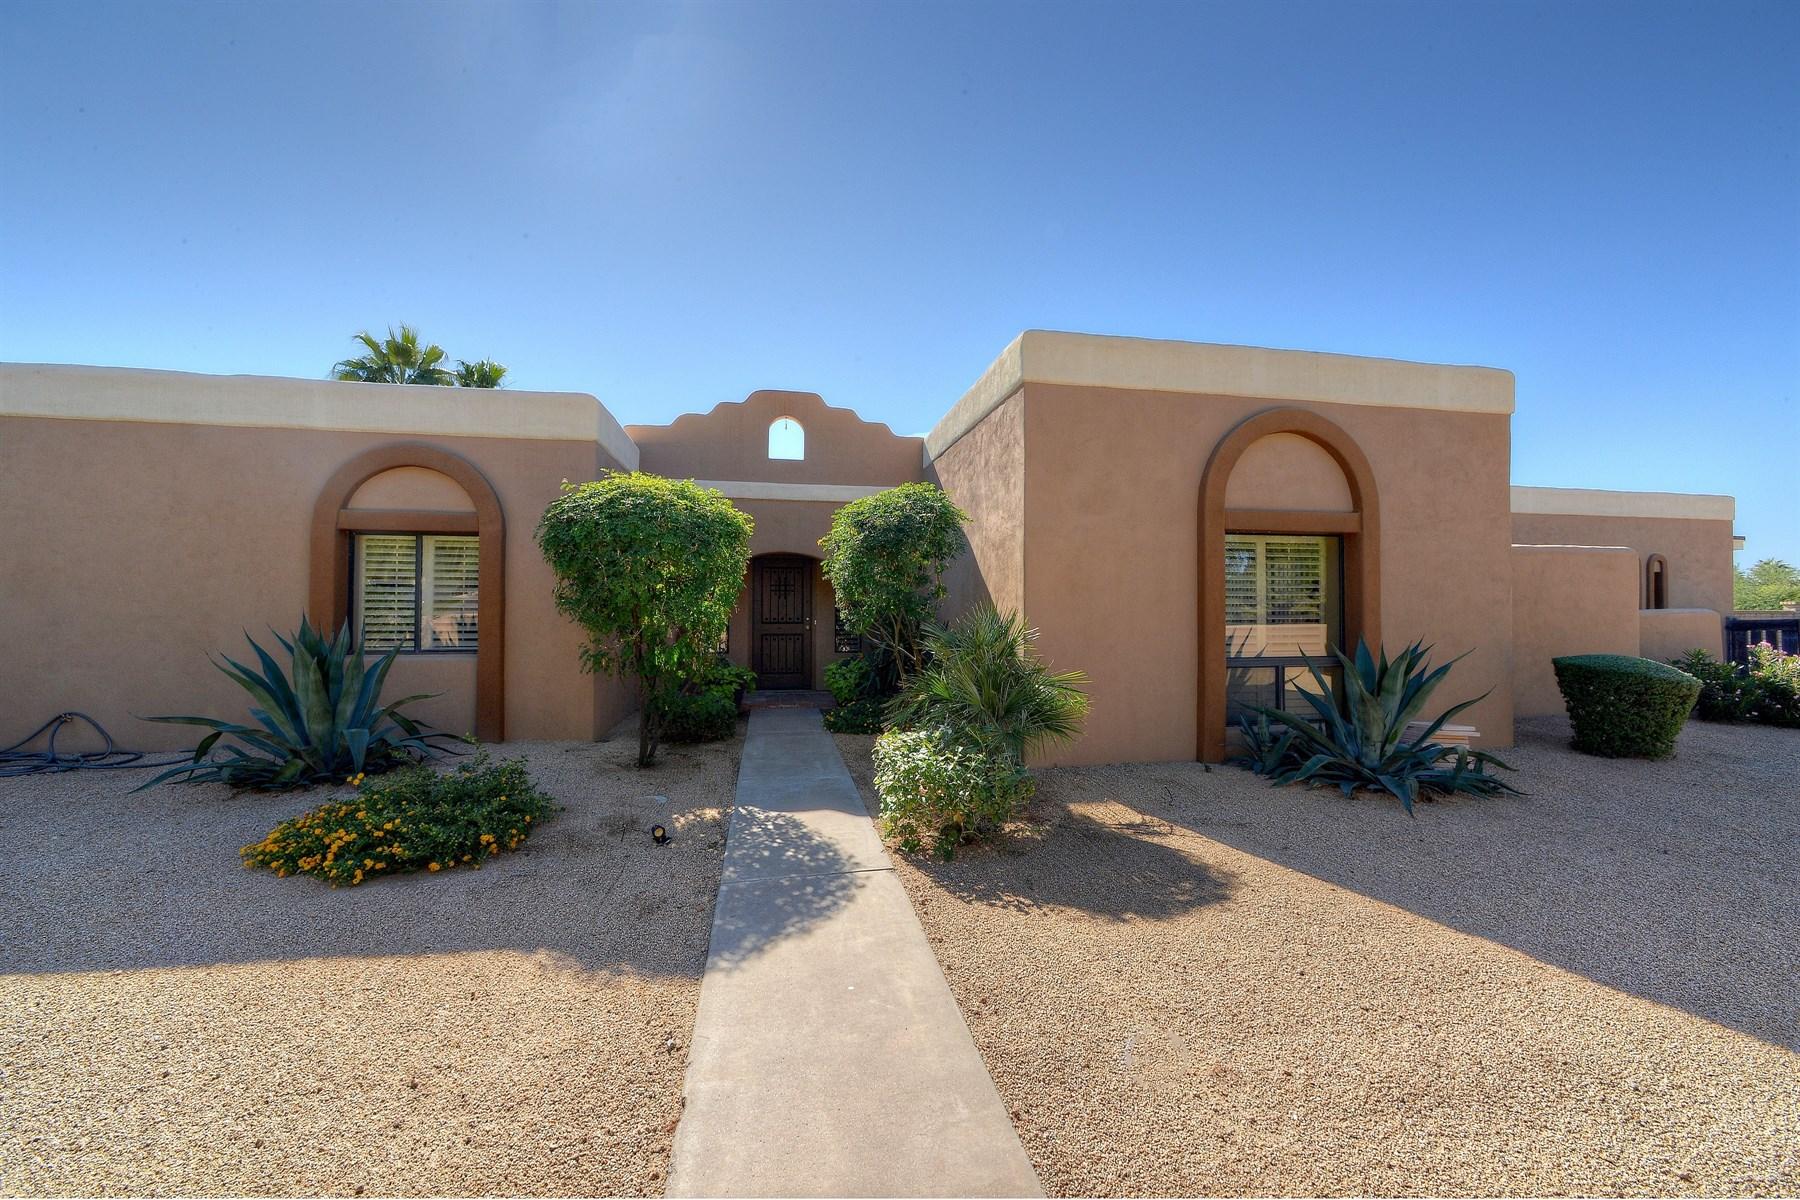 단독 가정 주택 용 매매 에 Remodeled home in the heart of a highly desirable zip code 6329 E Delcoa Avenue Scottsdale, 아리조나 85254 미국